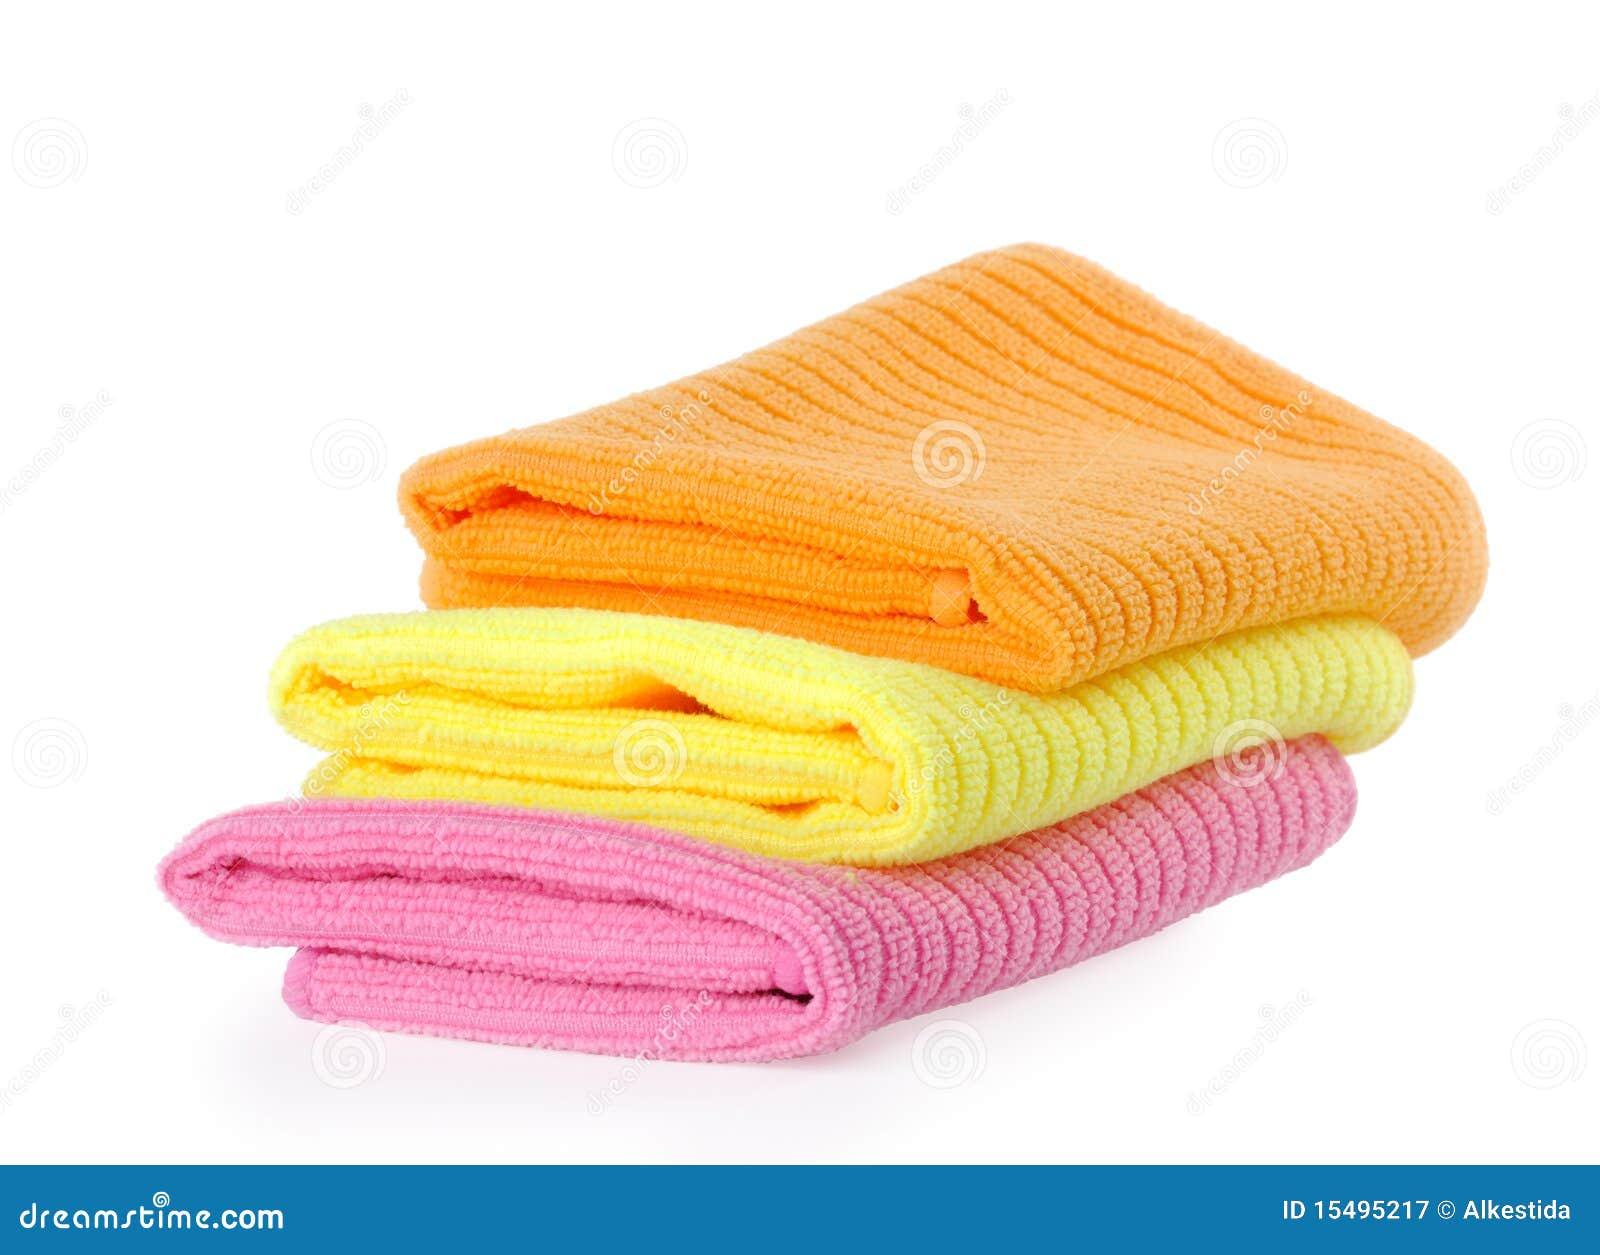 背景清洁旧布毛巾白色.图片